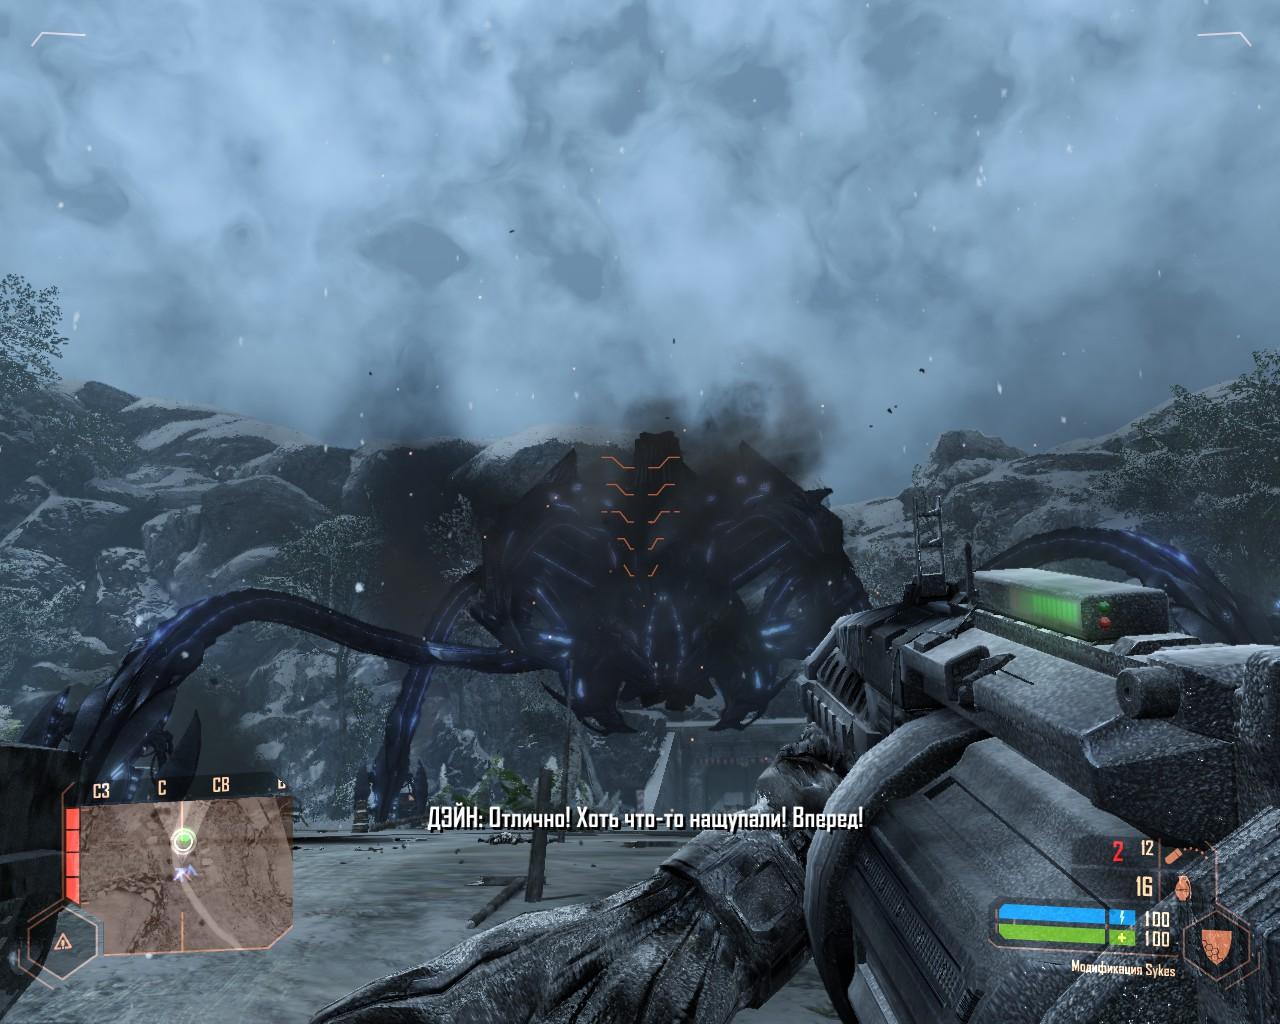 Crysis64 2014-08-16 17-59-44-60.jpg - Crysis Warhead